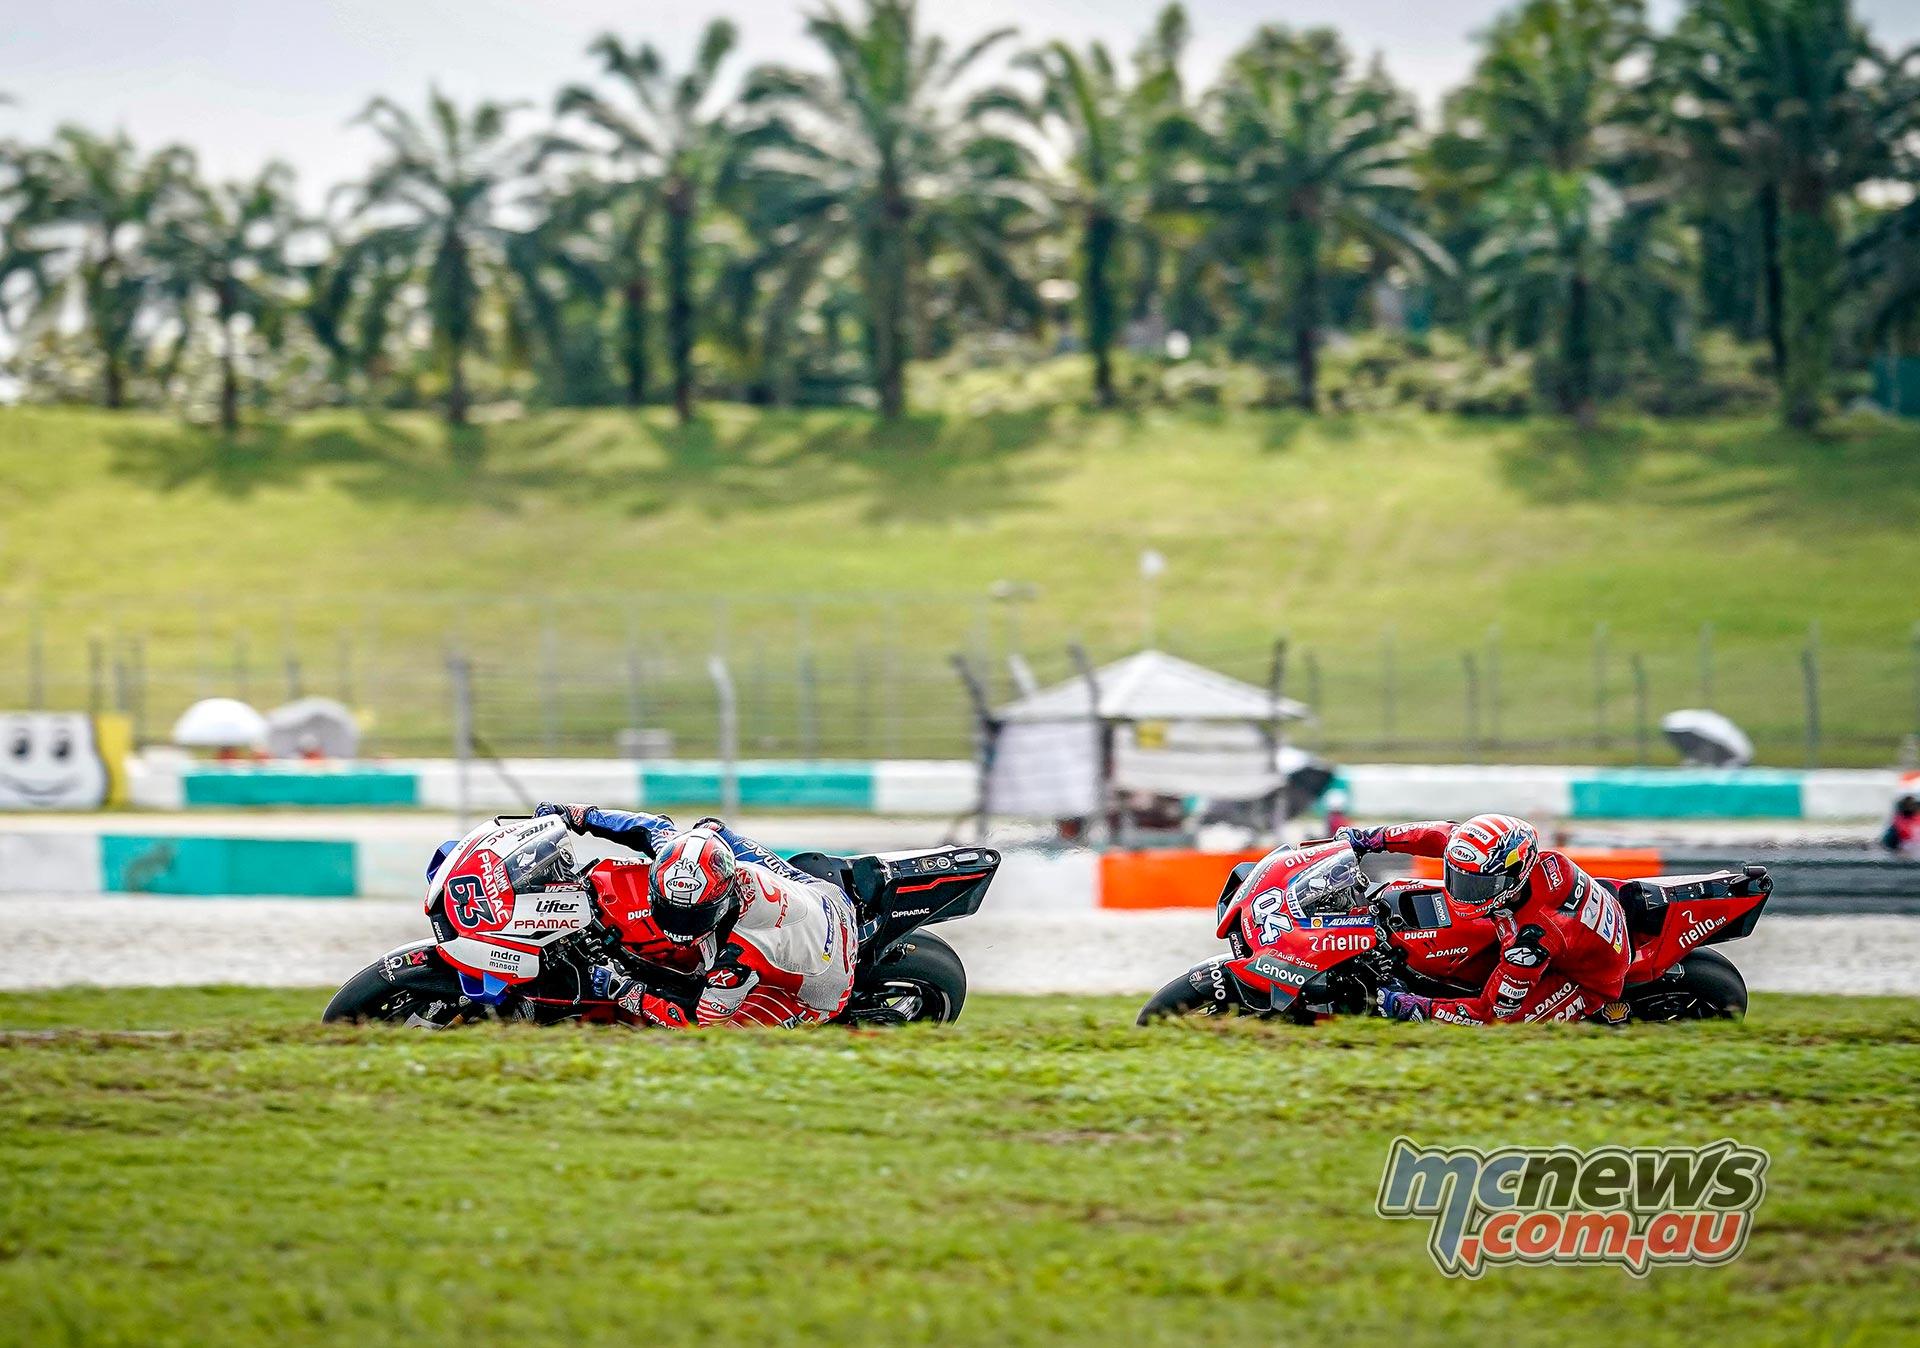 MotoGP Sepang QP Bagnaia Dovi